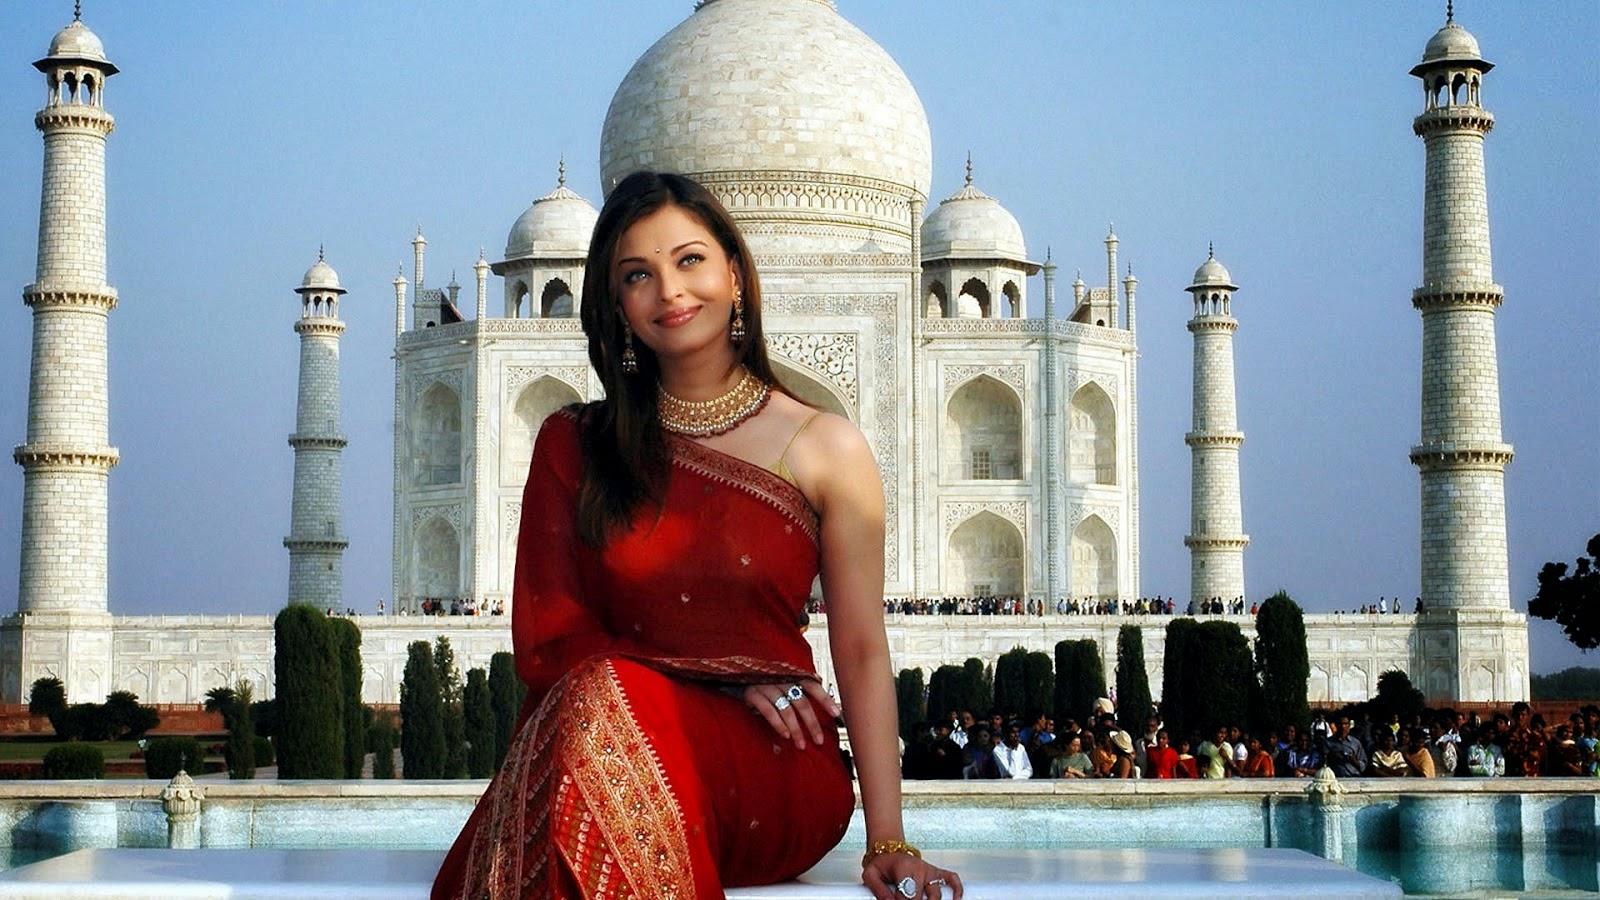 Aishwarya rai in red saree at taj mahal pictures